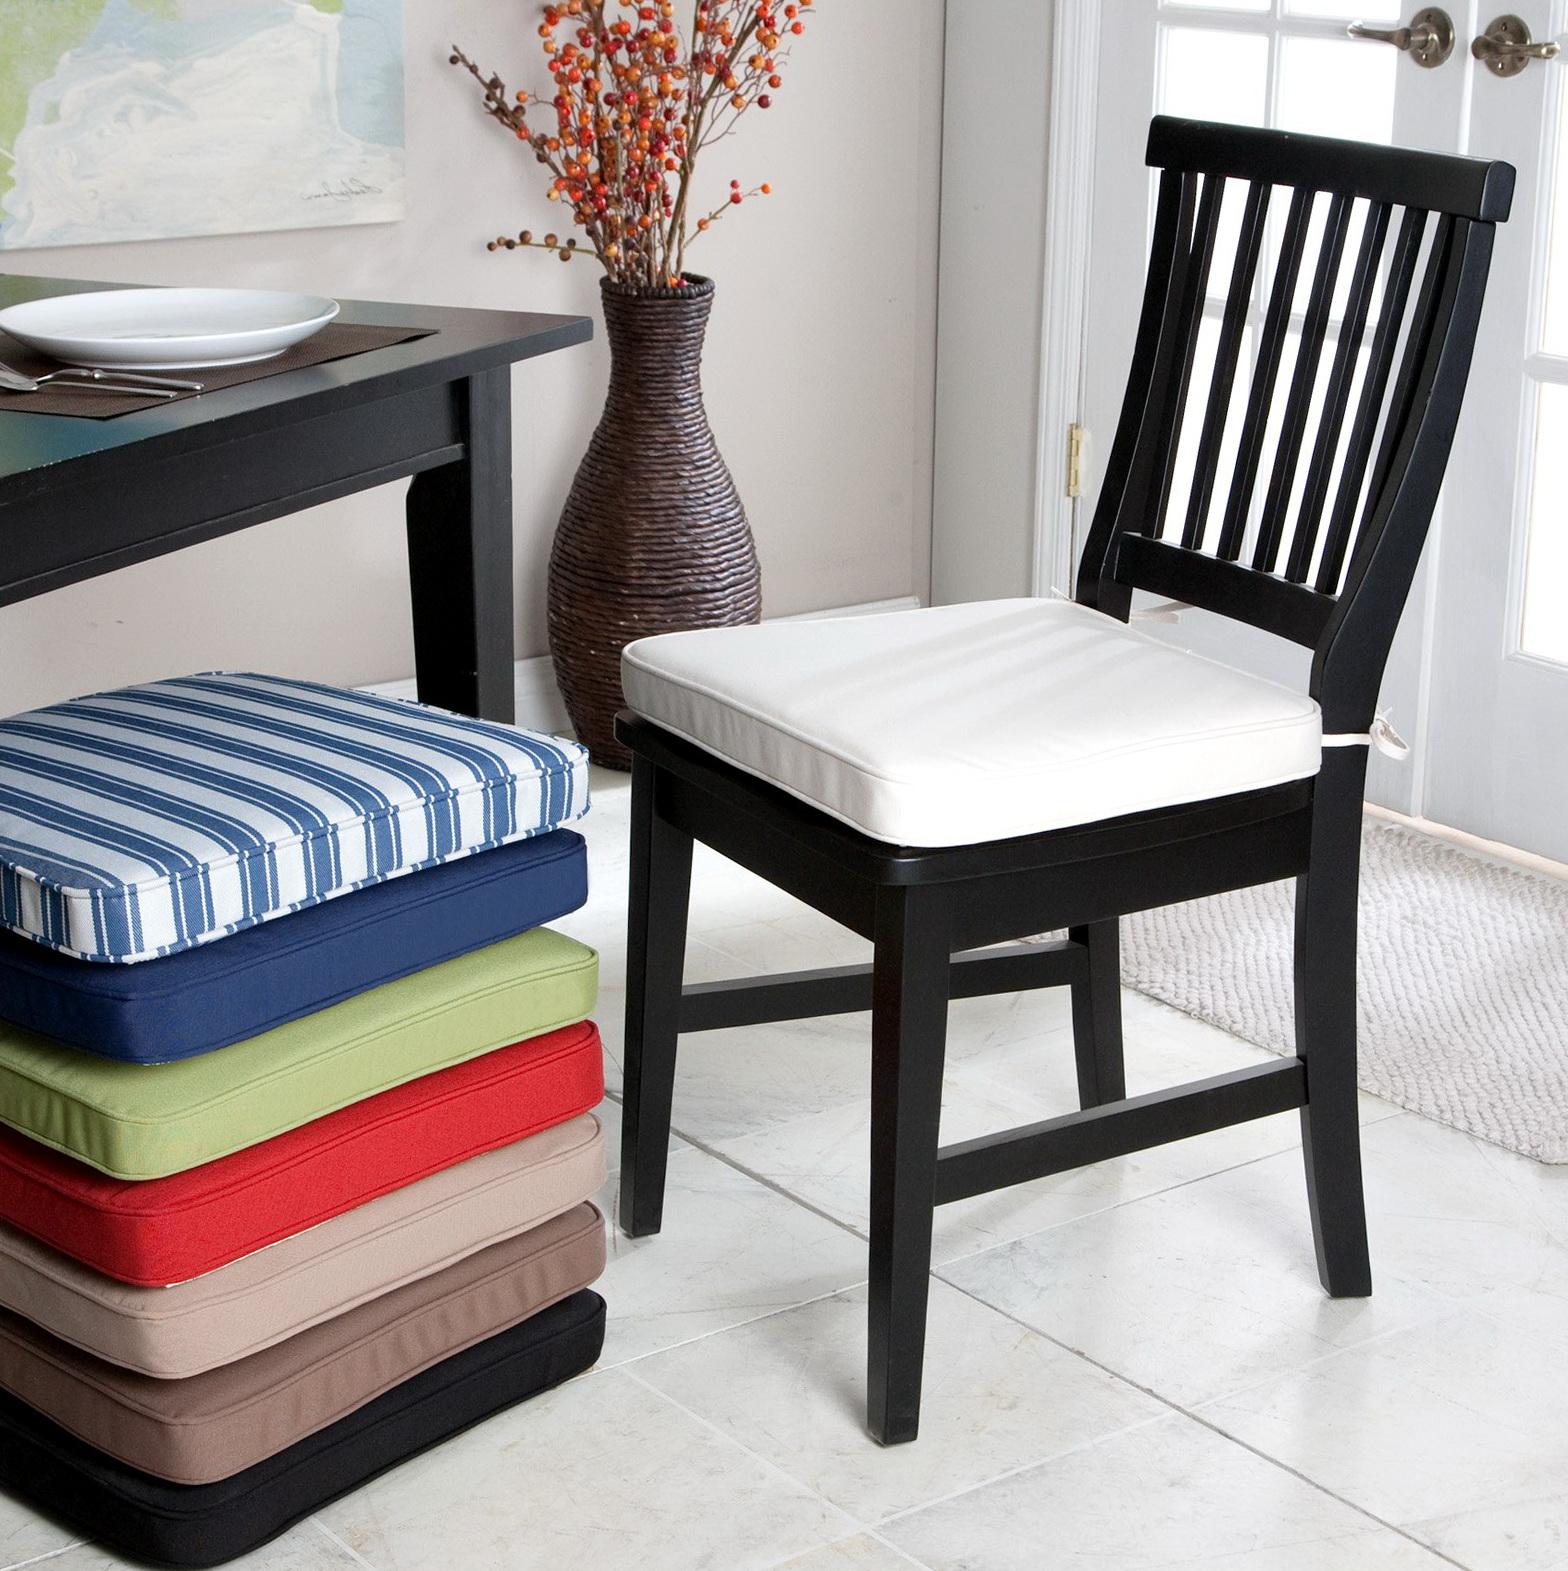 Dining room chair cushions walmart home design ideas